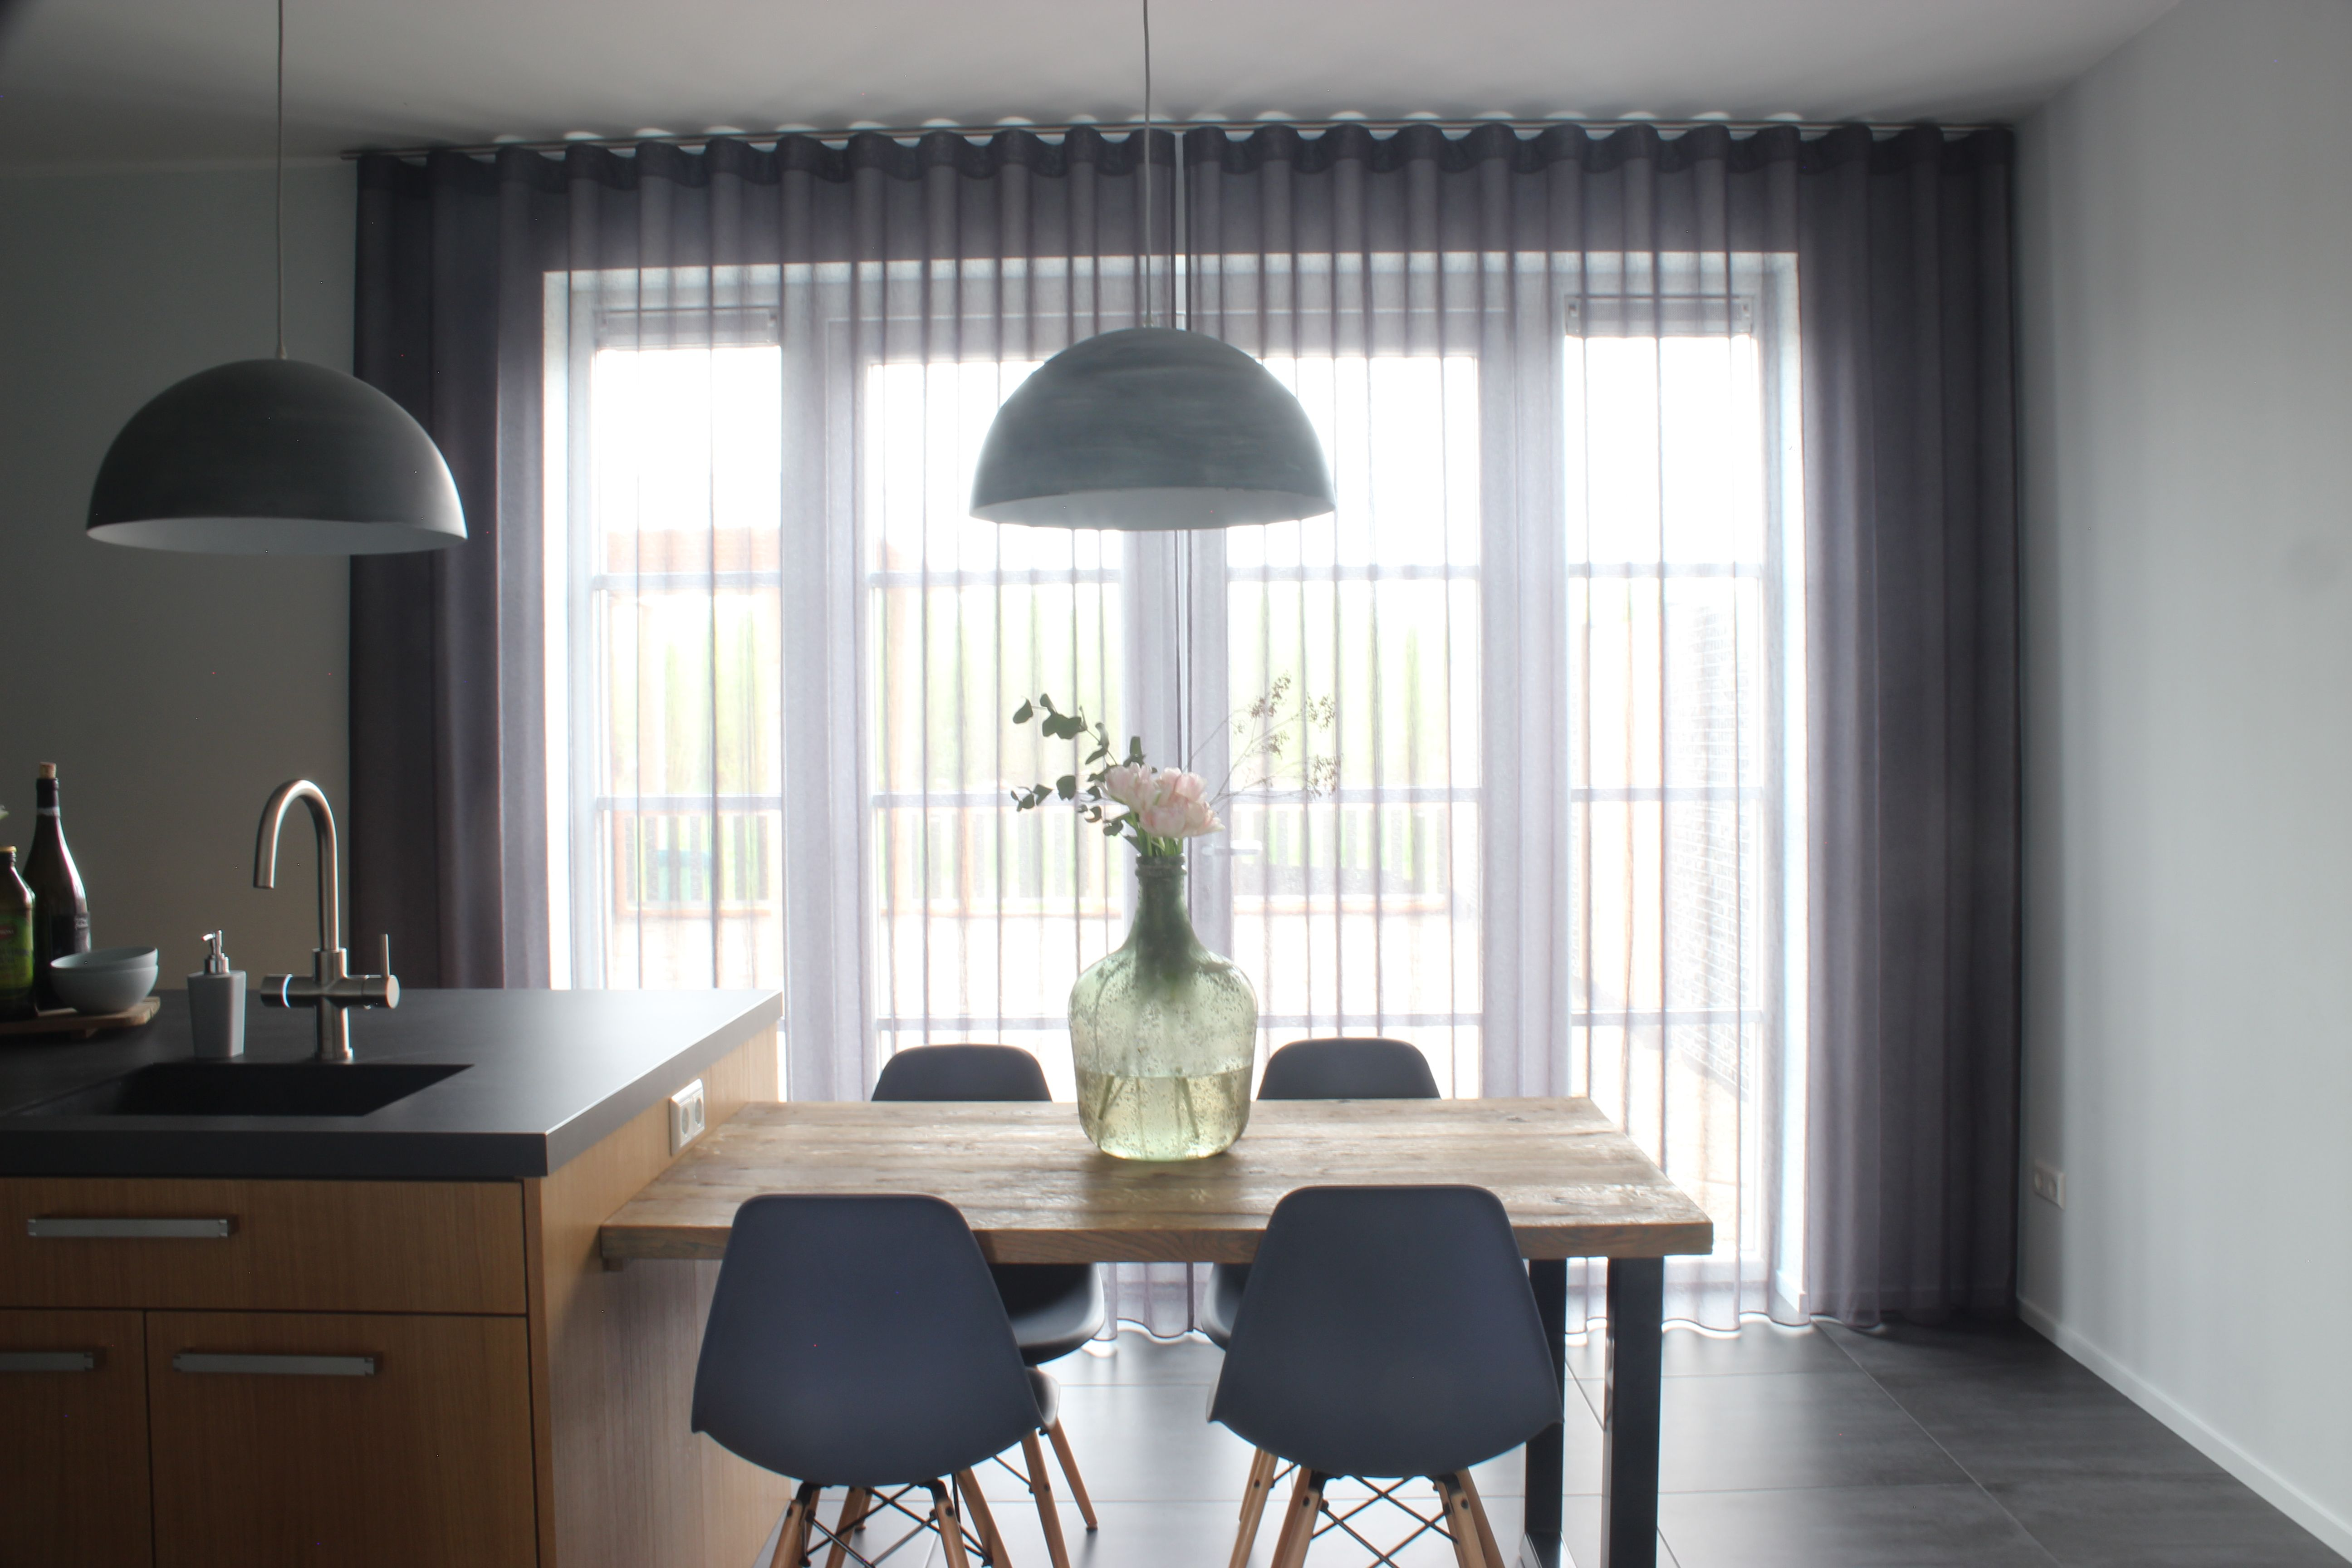 Wat een rust! #linnen #gordijnen #interieur #keuken ...